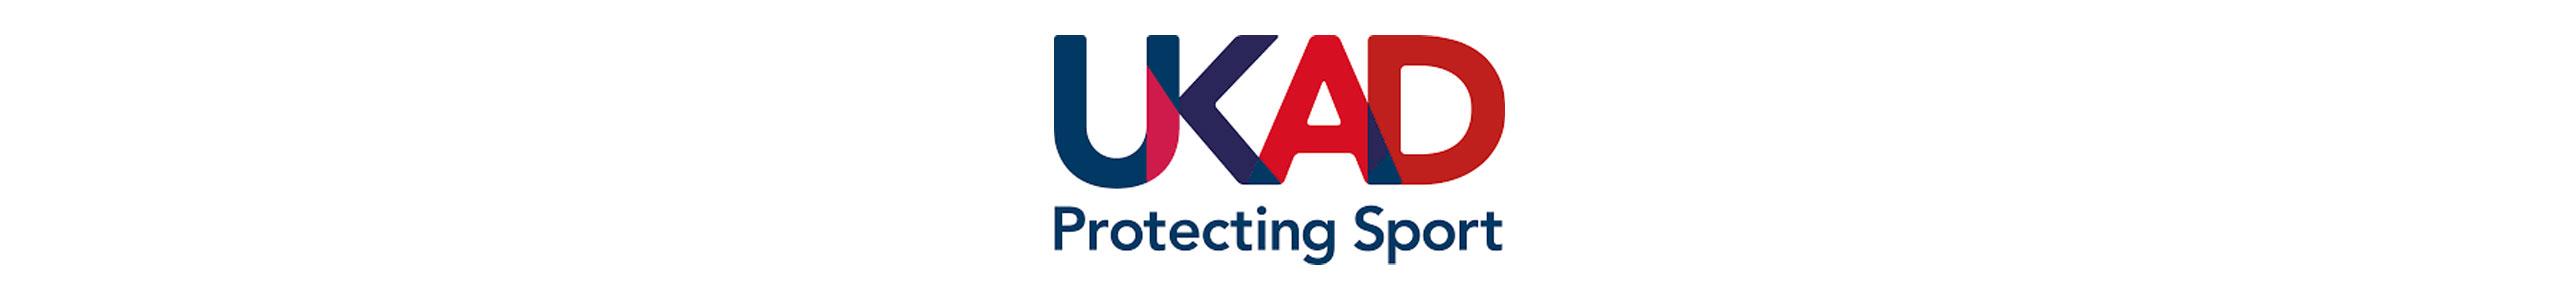 UK Anti-doping Agency logo